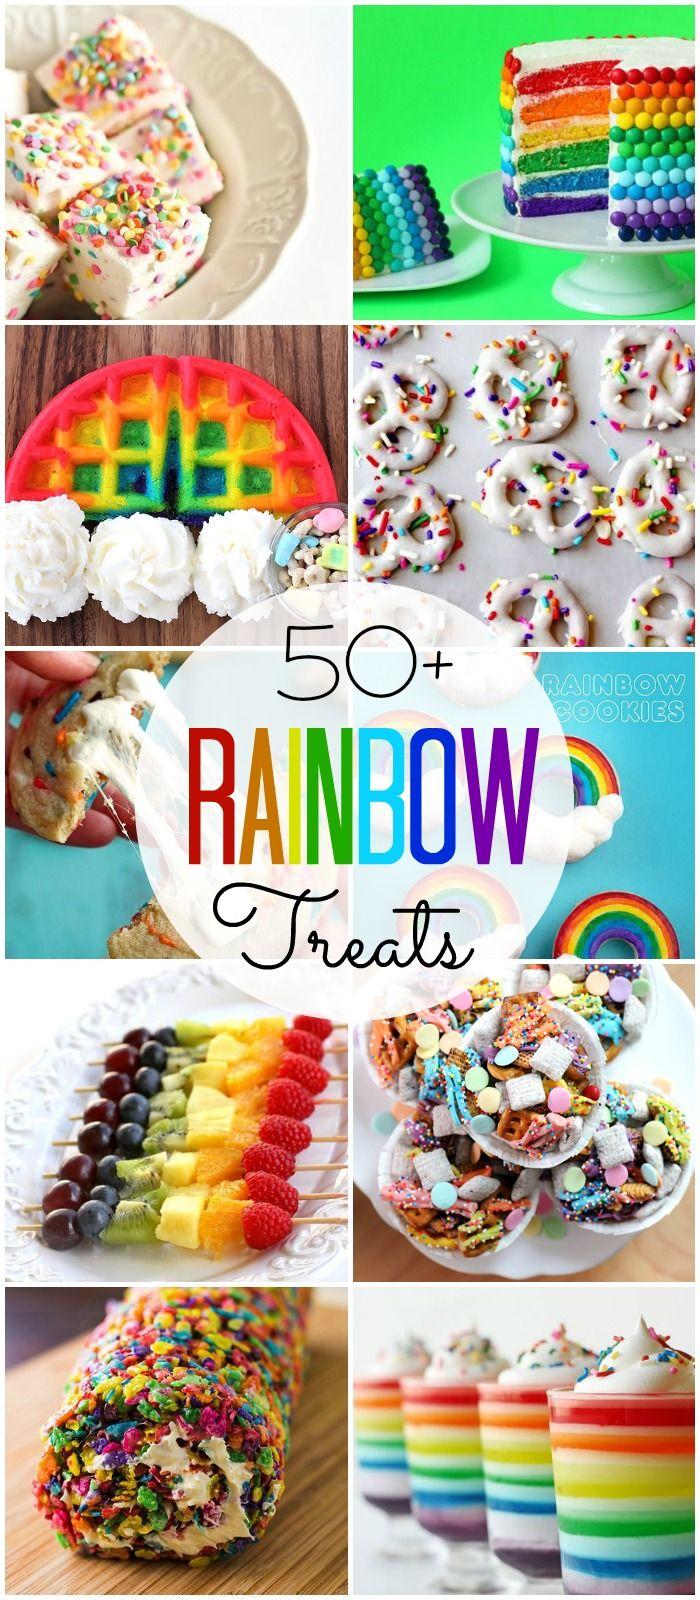 50+ Rainbow Treats